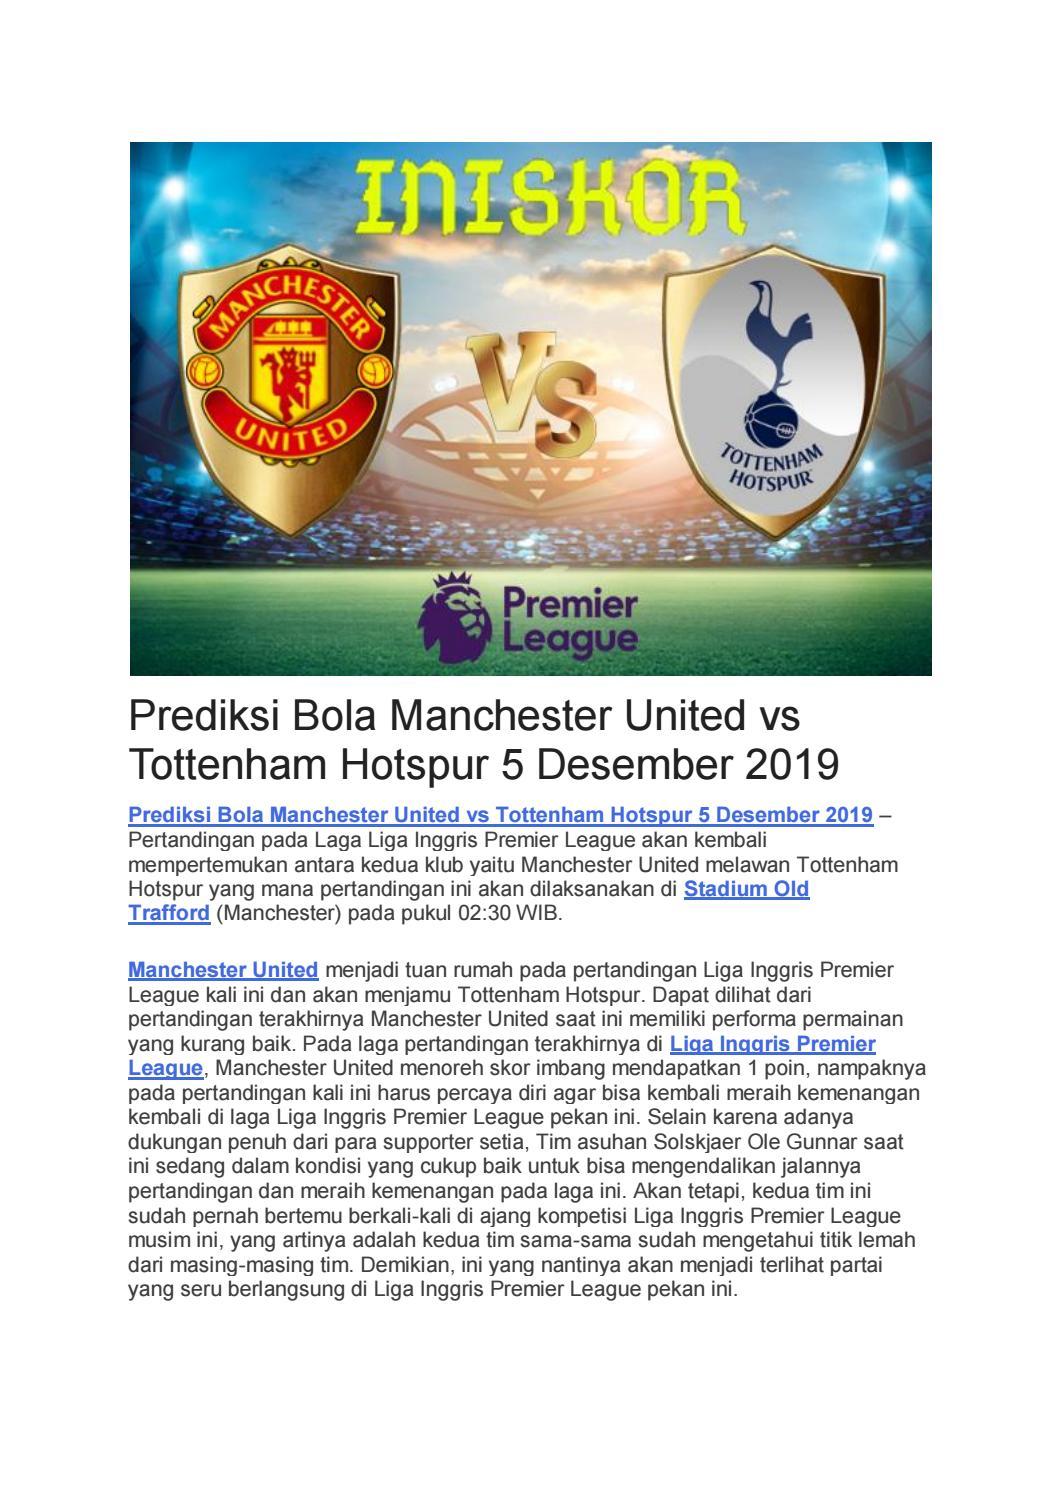 Prediksi Bola Manchester United Vs Tottenham Hotspur 5